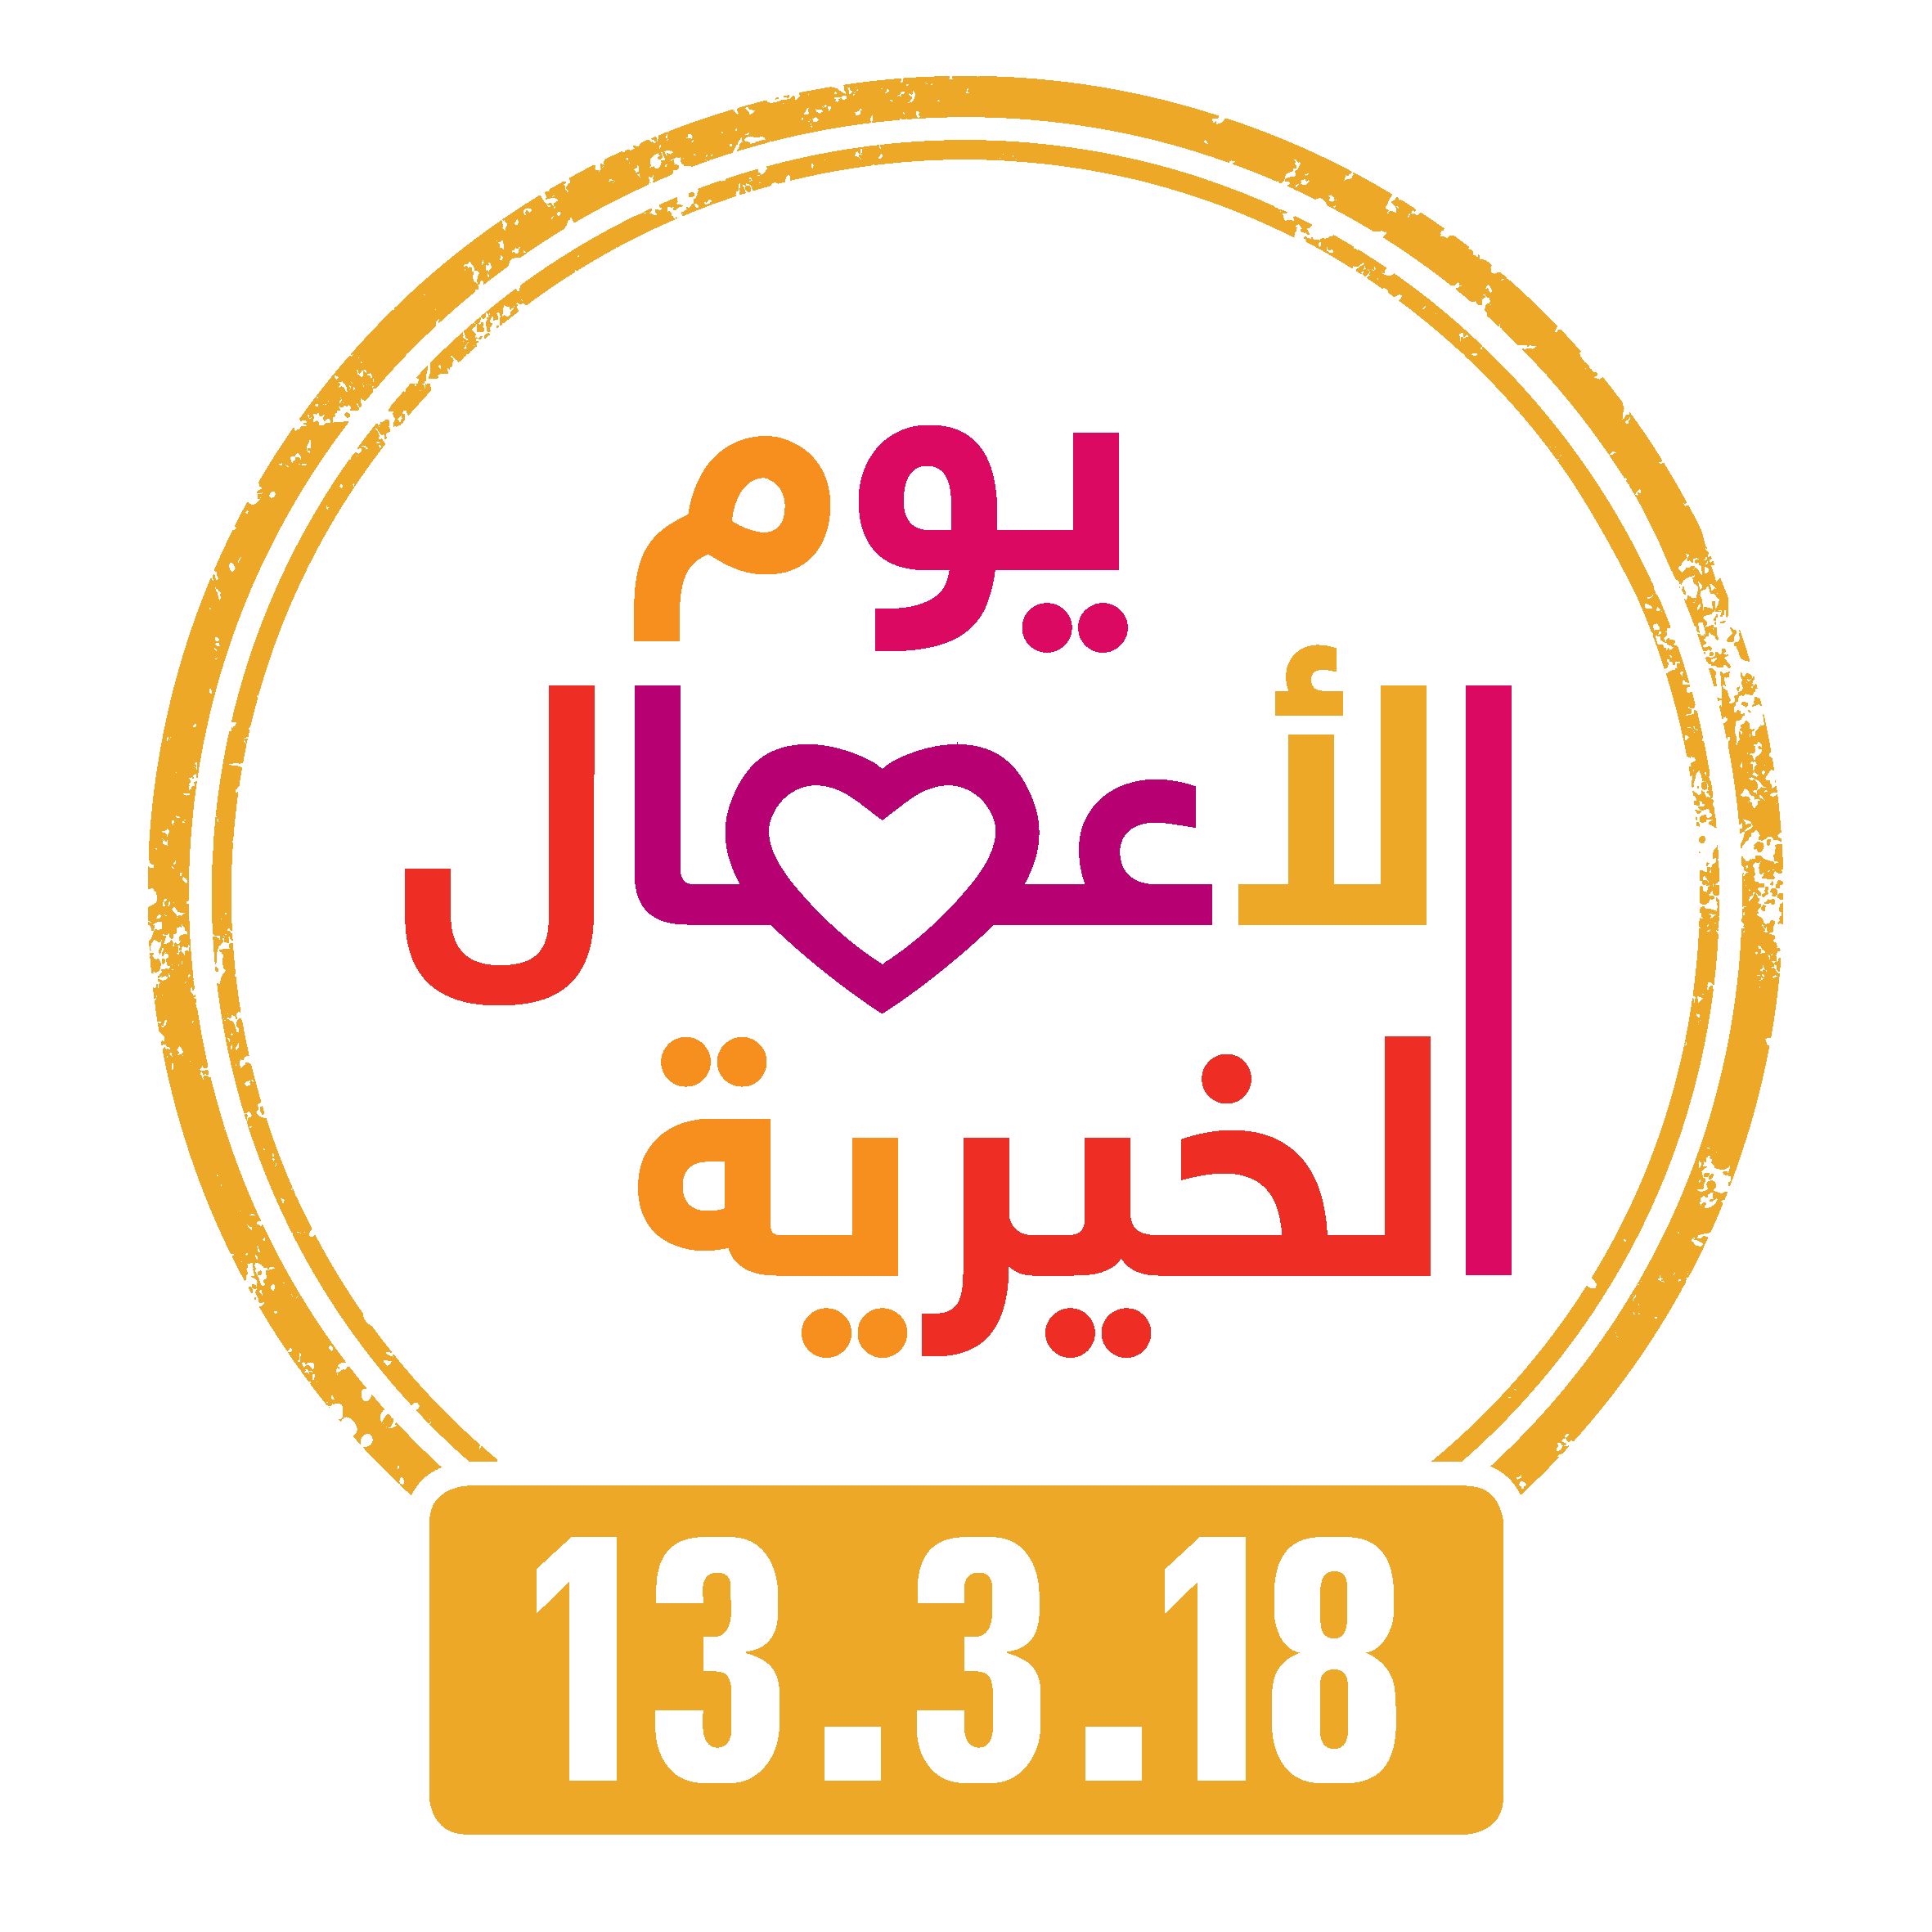 جمعية الروح الطيبة تطلق يوم الاعمال الخيرية بمشاركة 580,000 متطوع في 186 بلد عربي